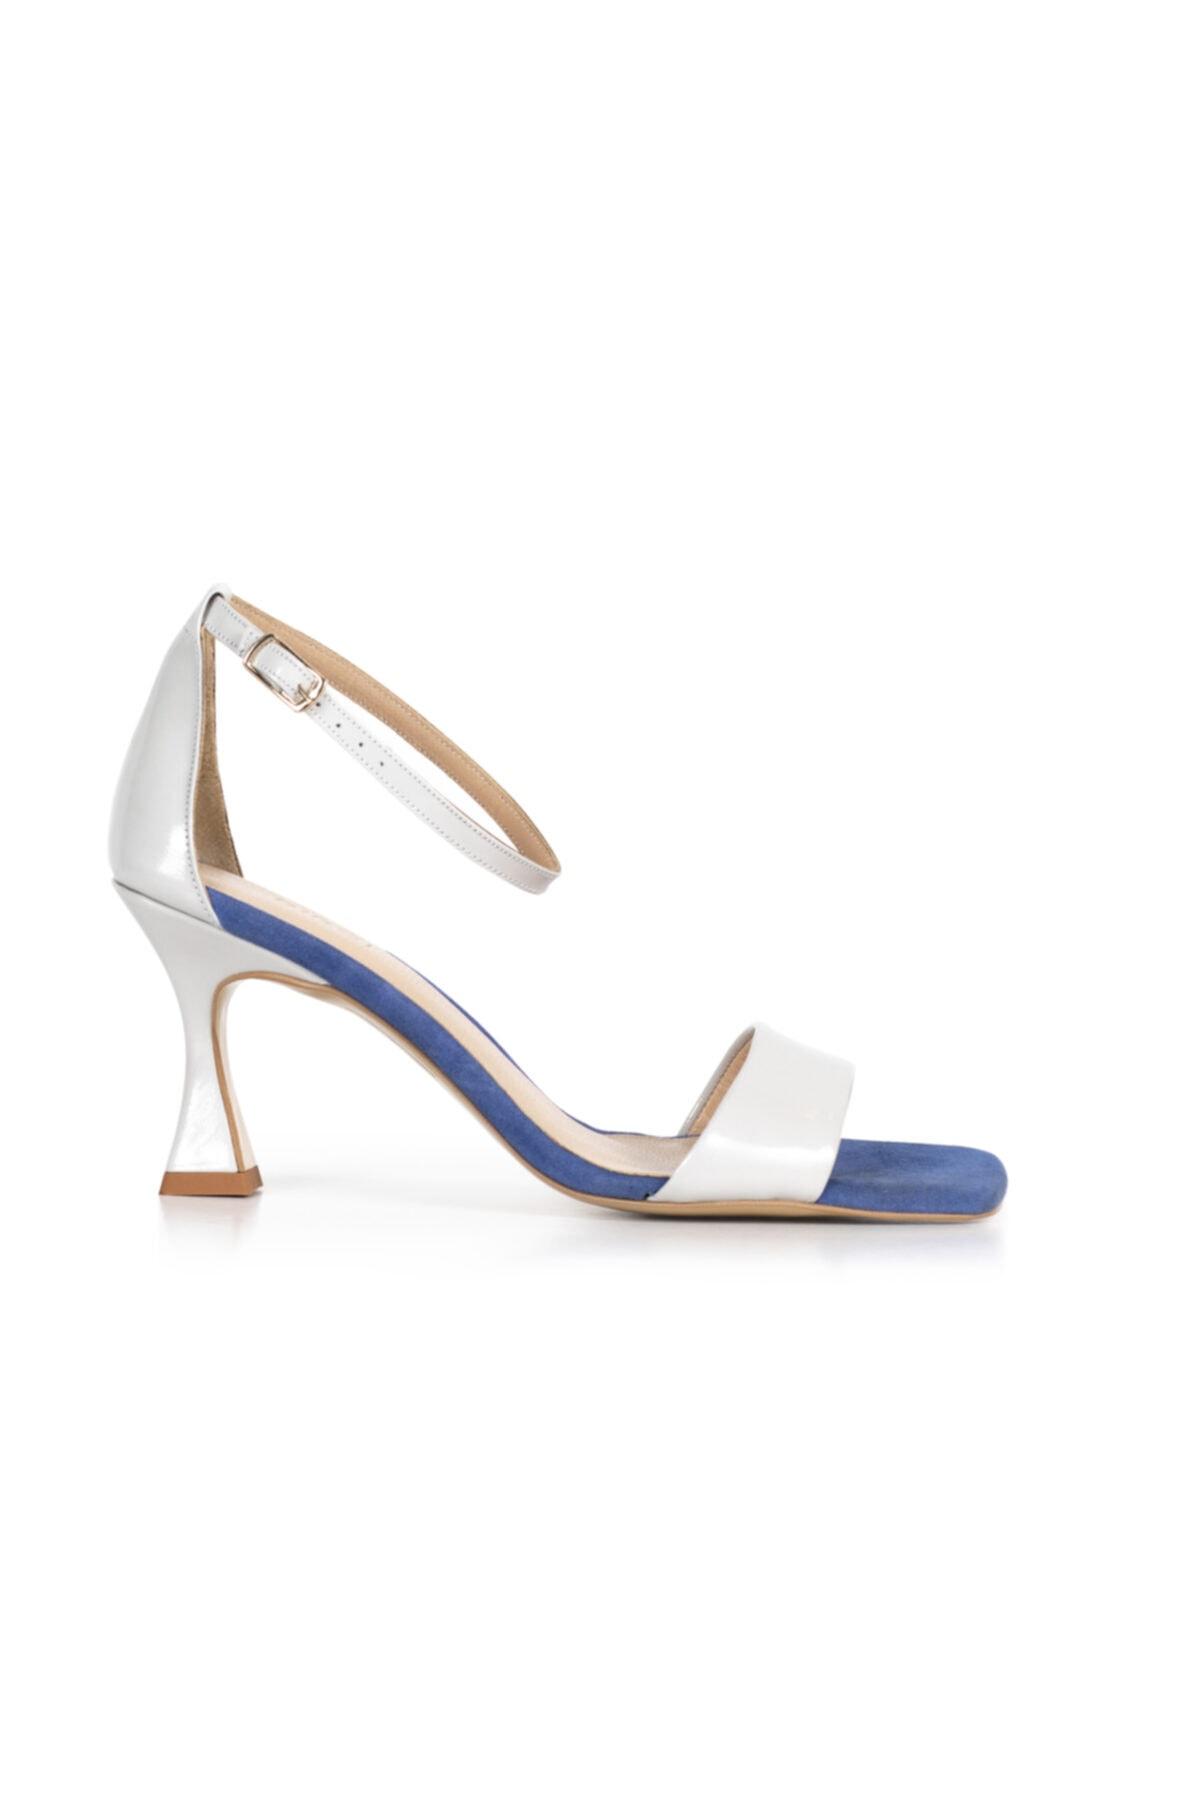 PİRCİ Kadın Kırık Beyaz Rugan Deri Topuklu Ayakkab